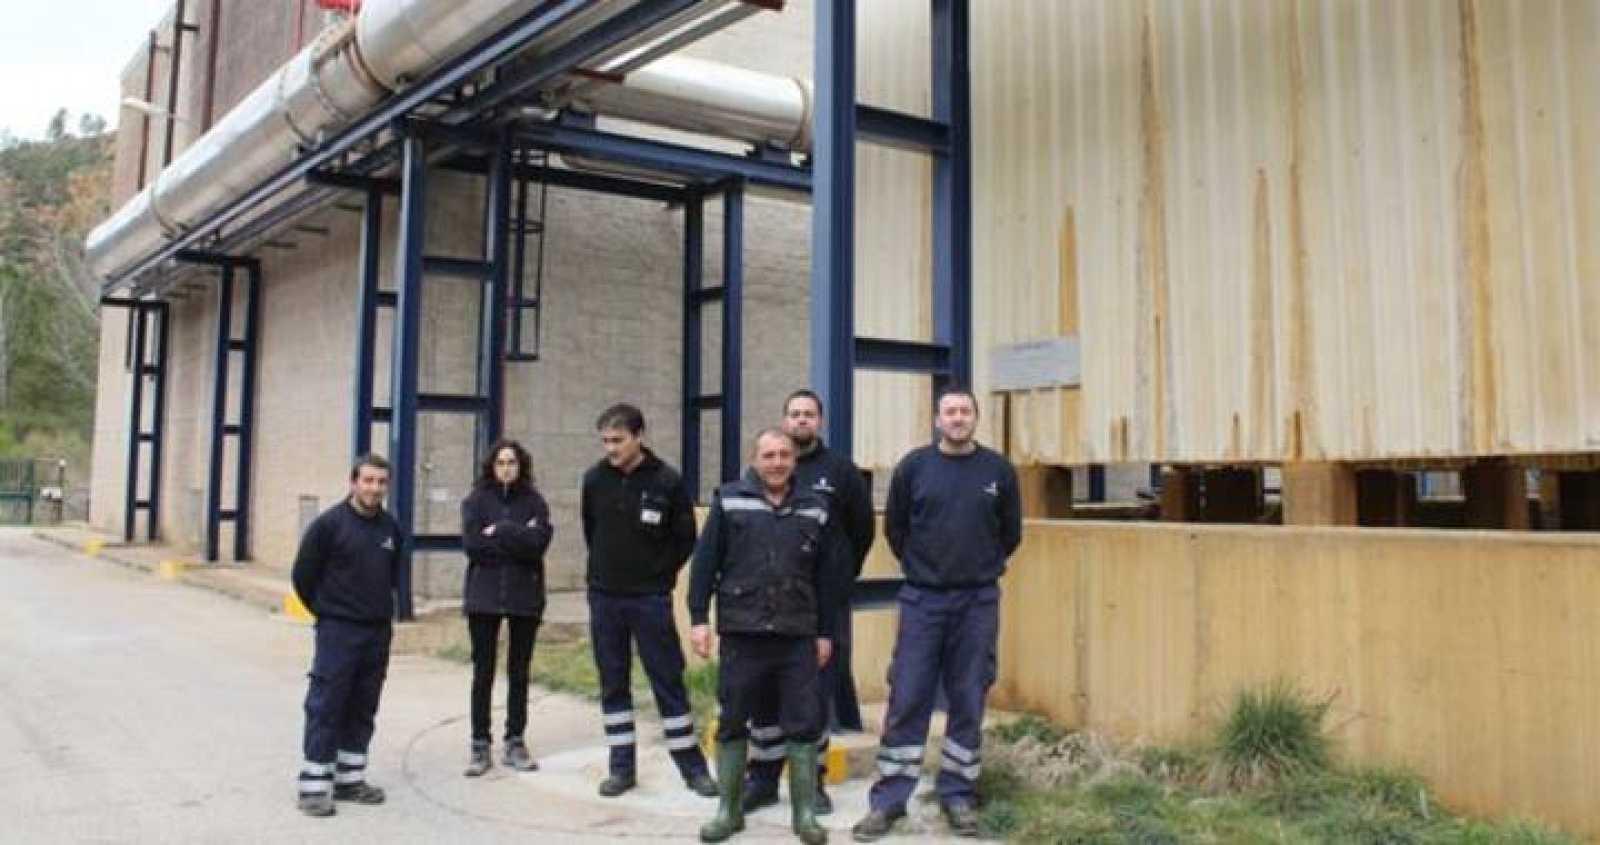 Trabajadores de la planta de cogeneración de la localidad turolense de Aliaga